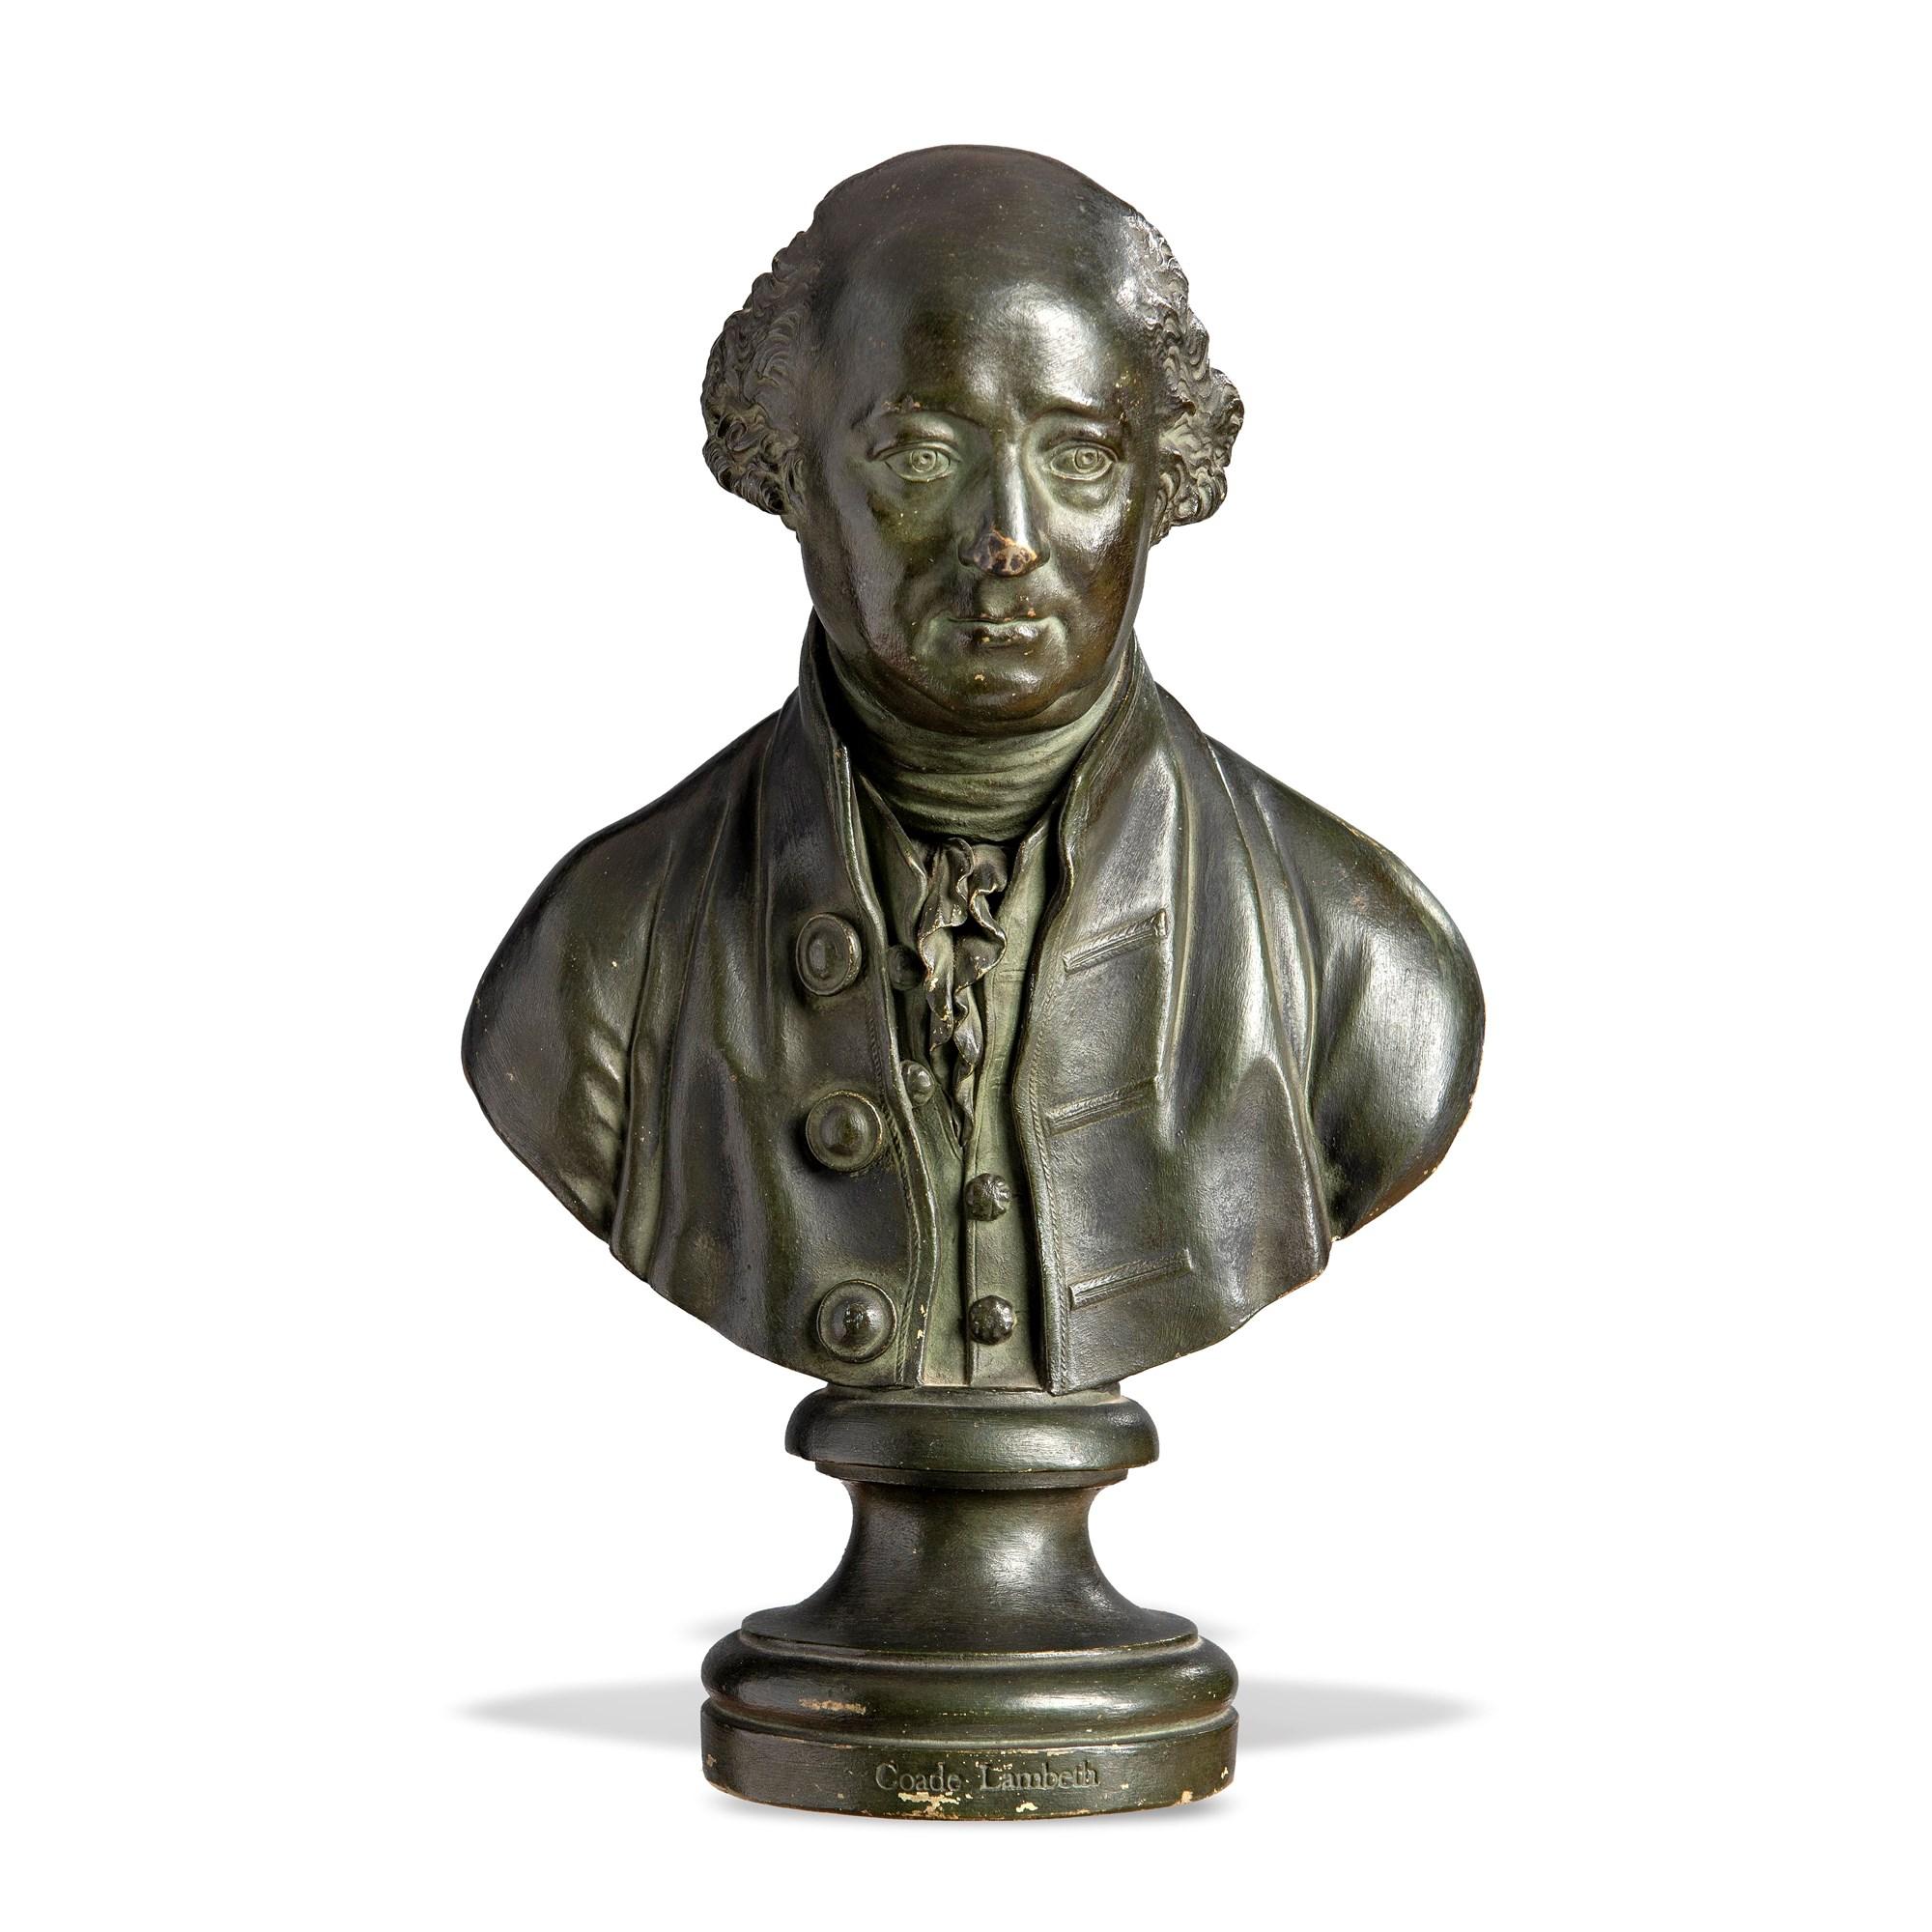 Lot 90:Coade stone bust of Gerard de Visme